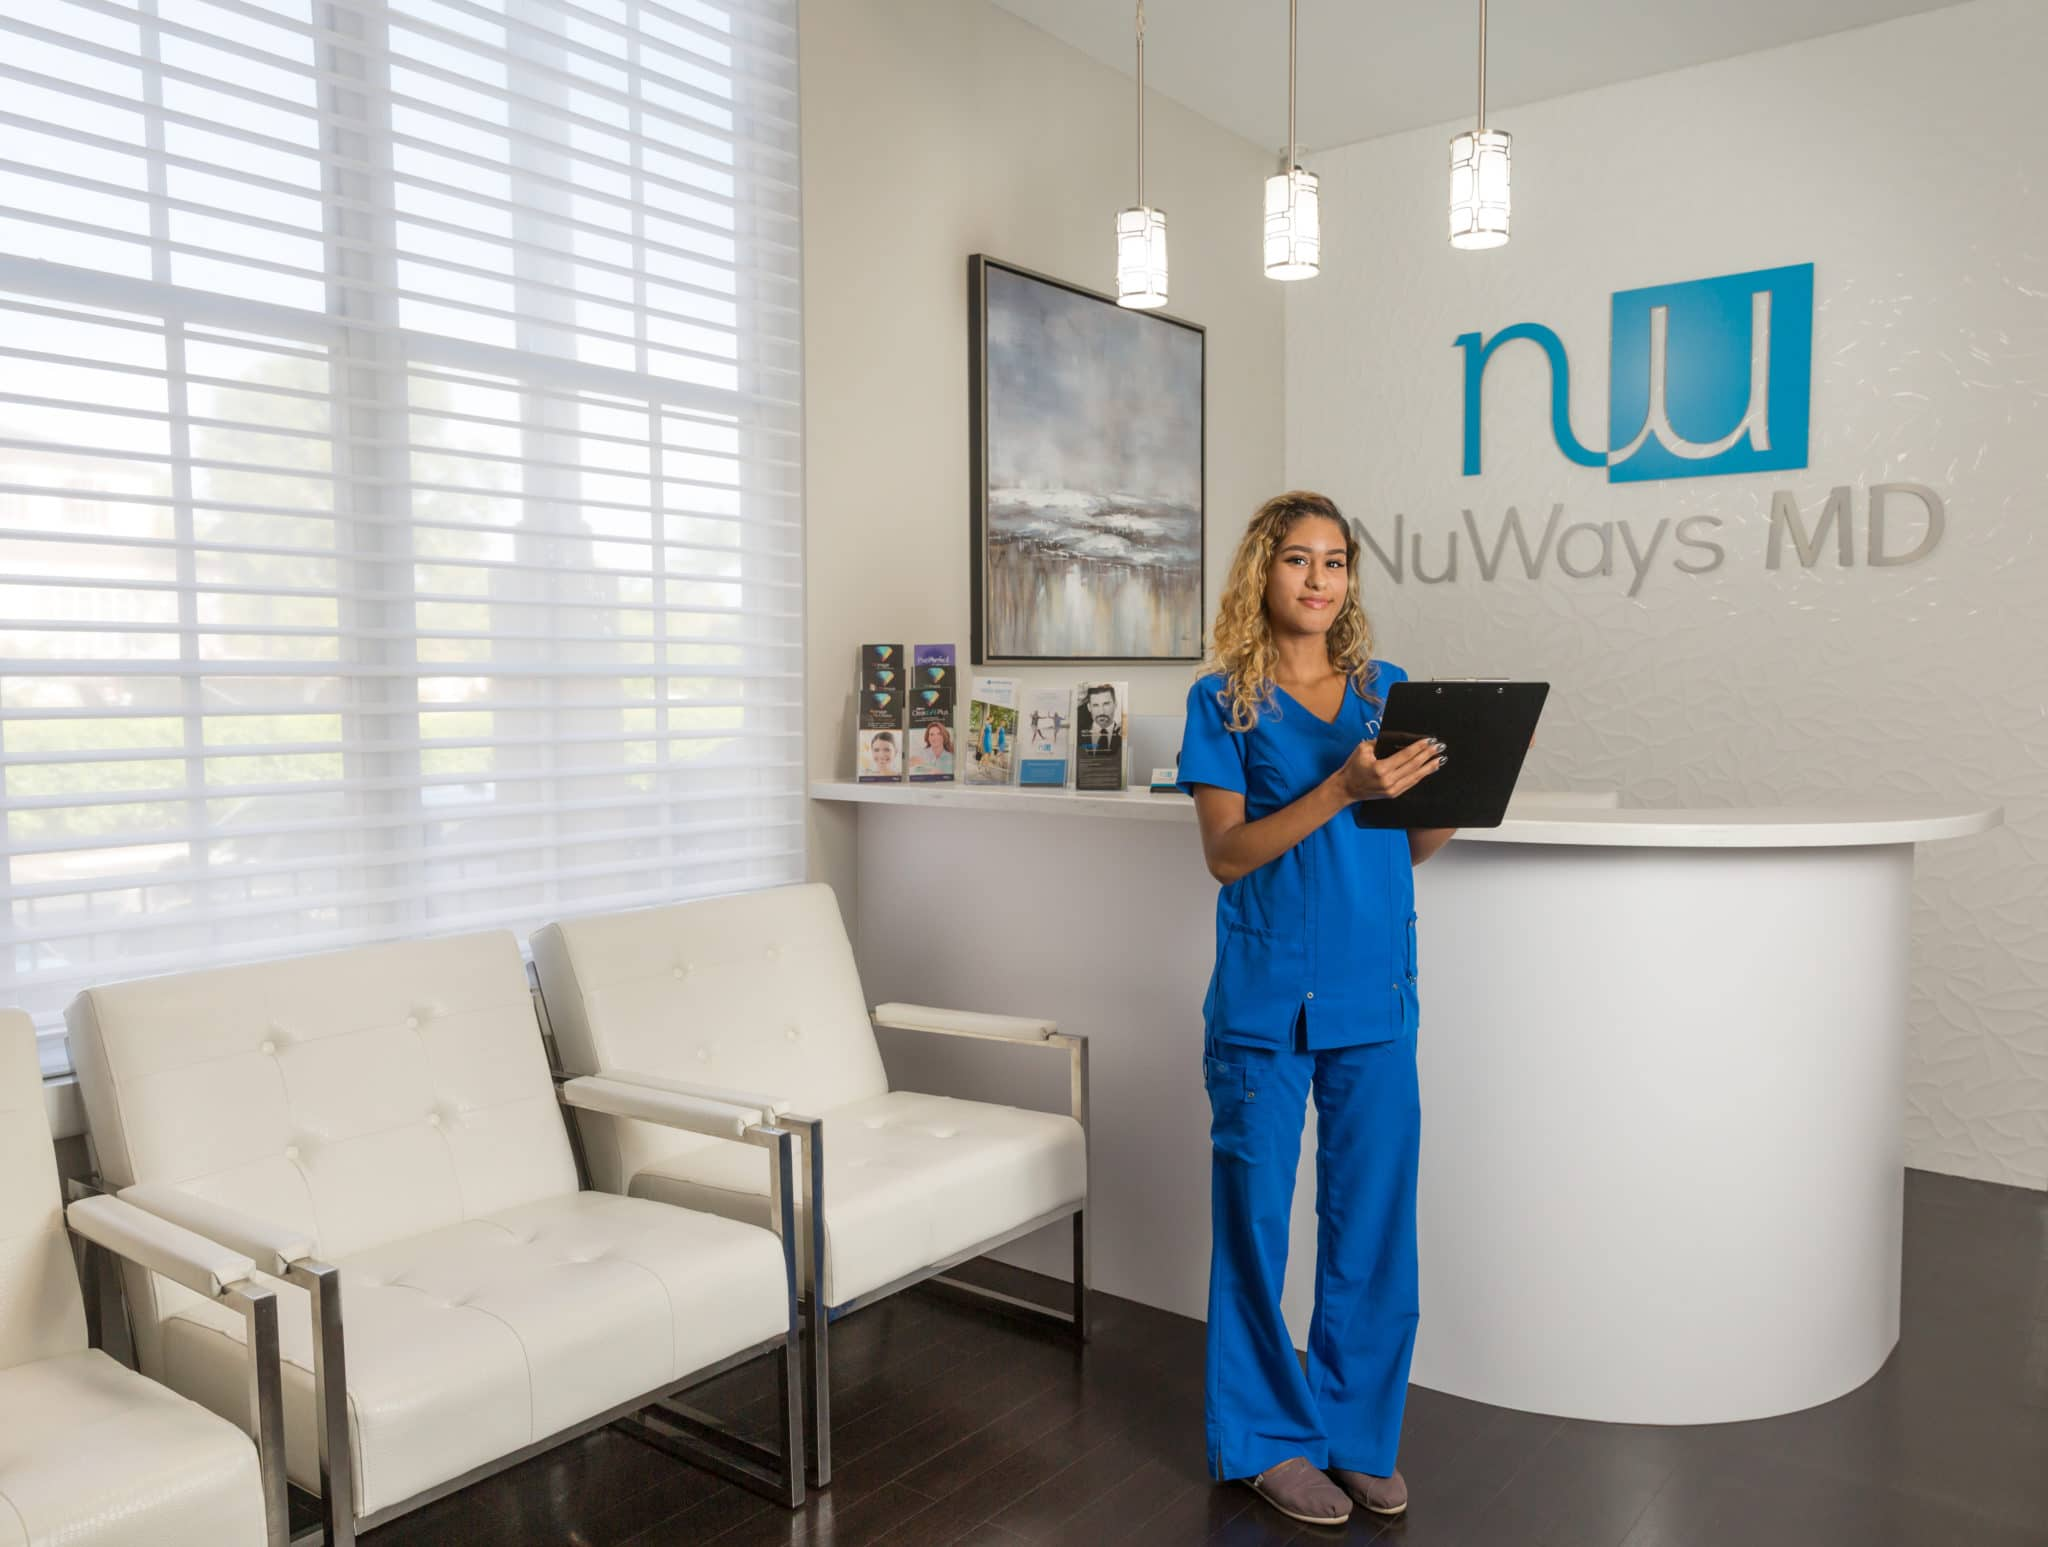 nuways md medical spa